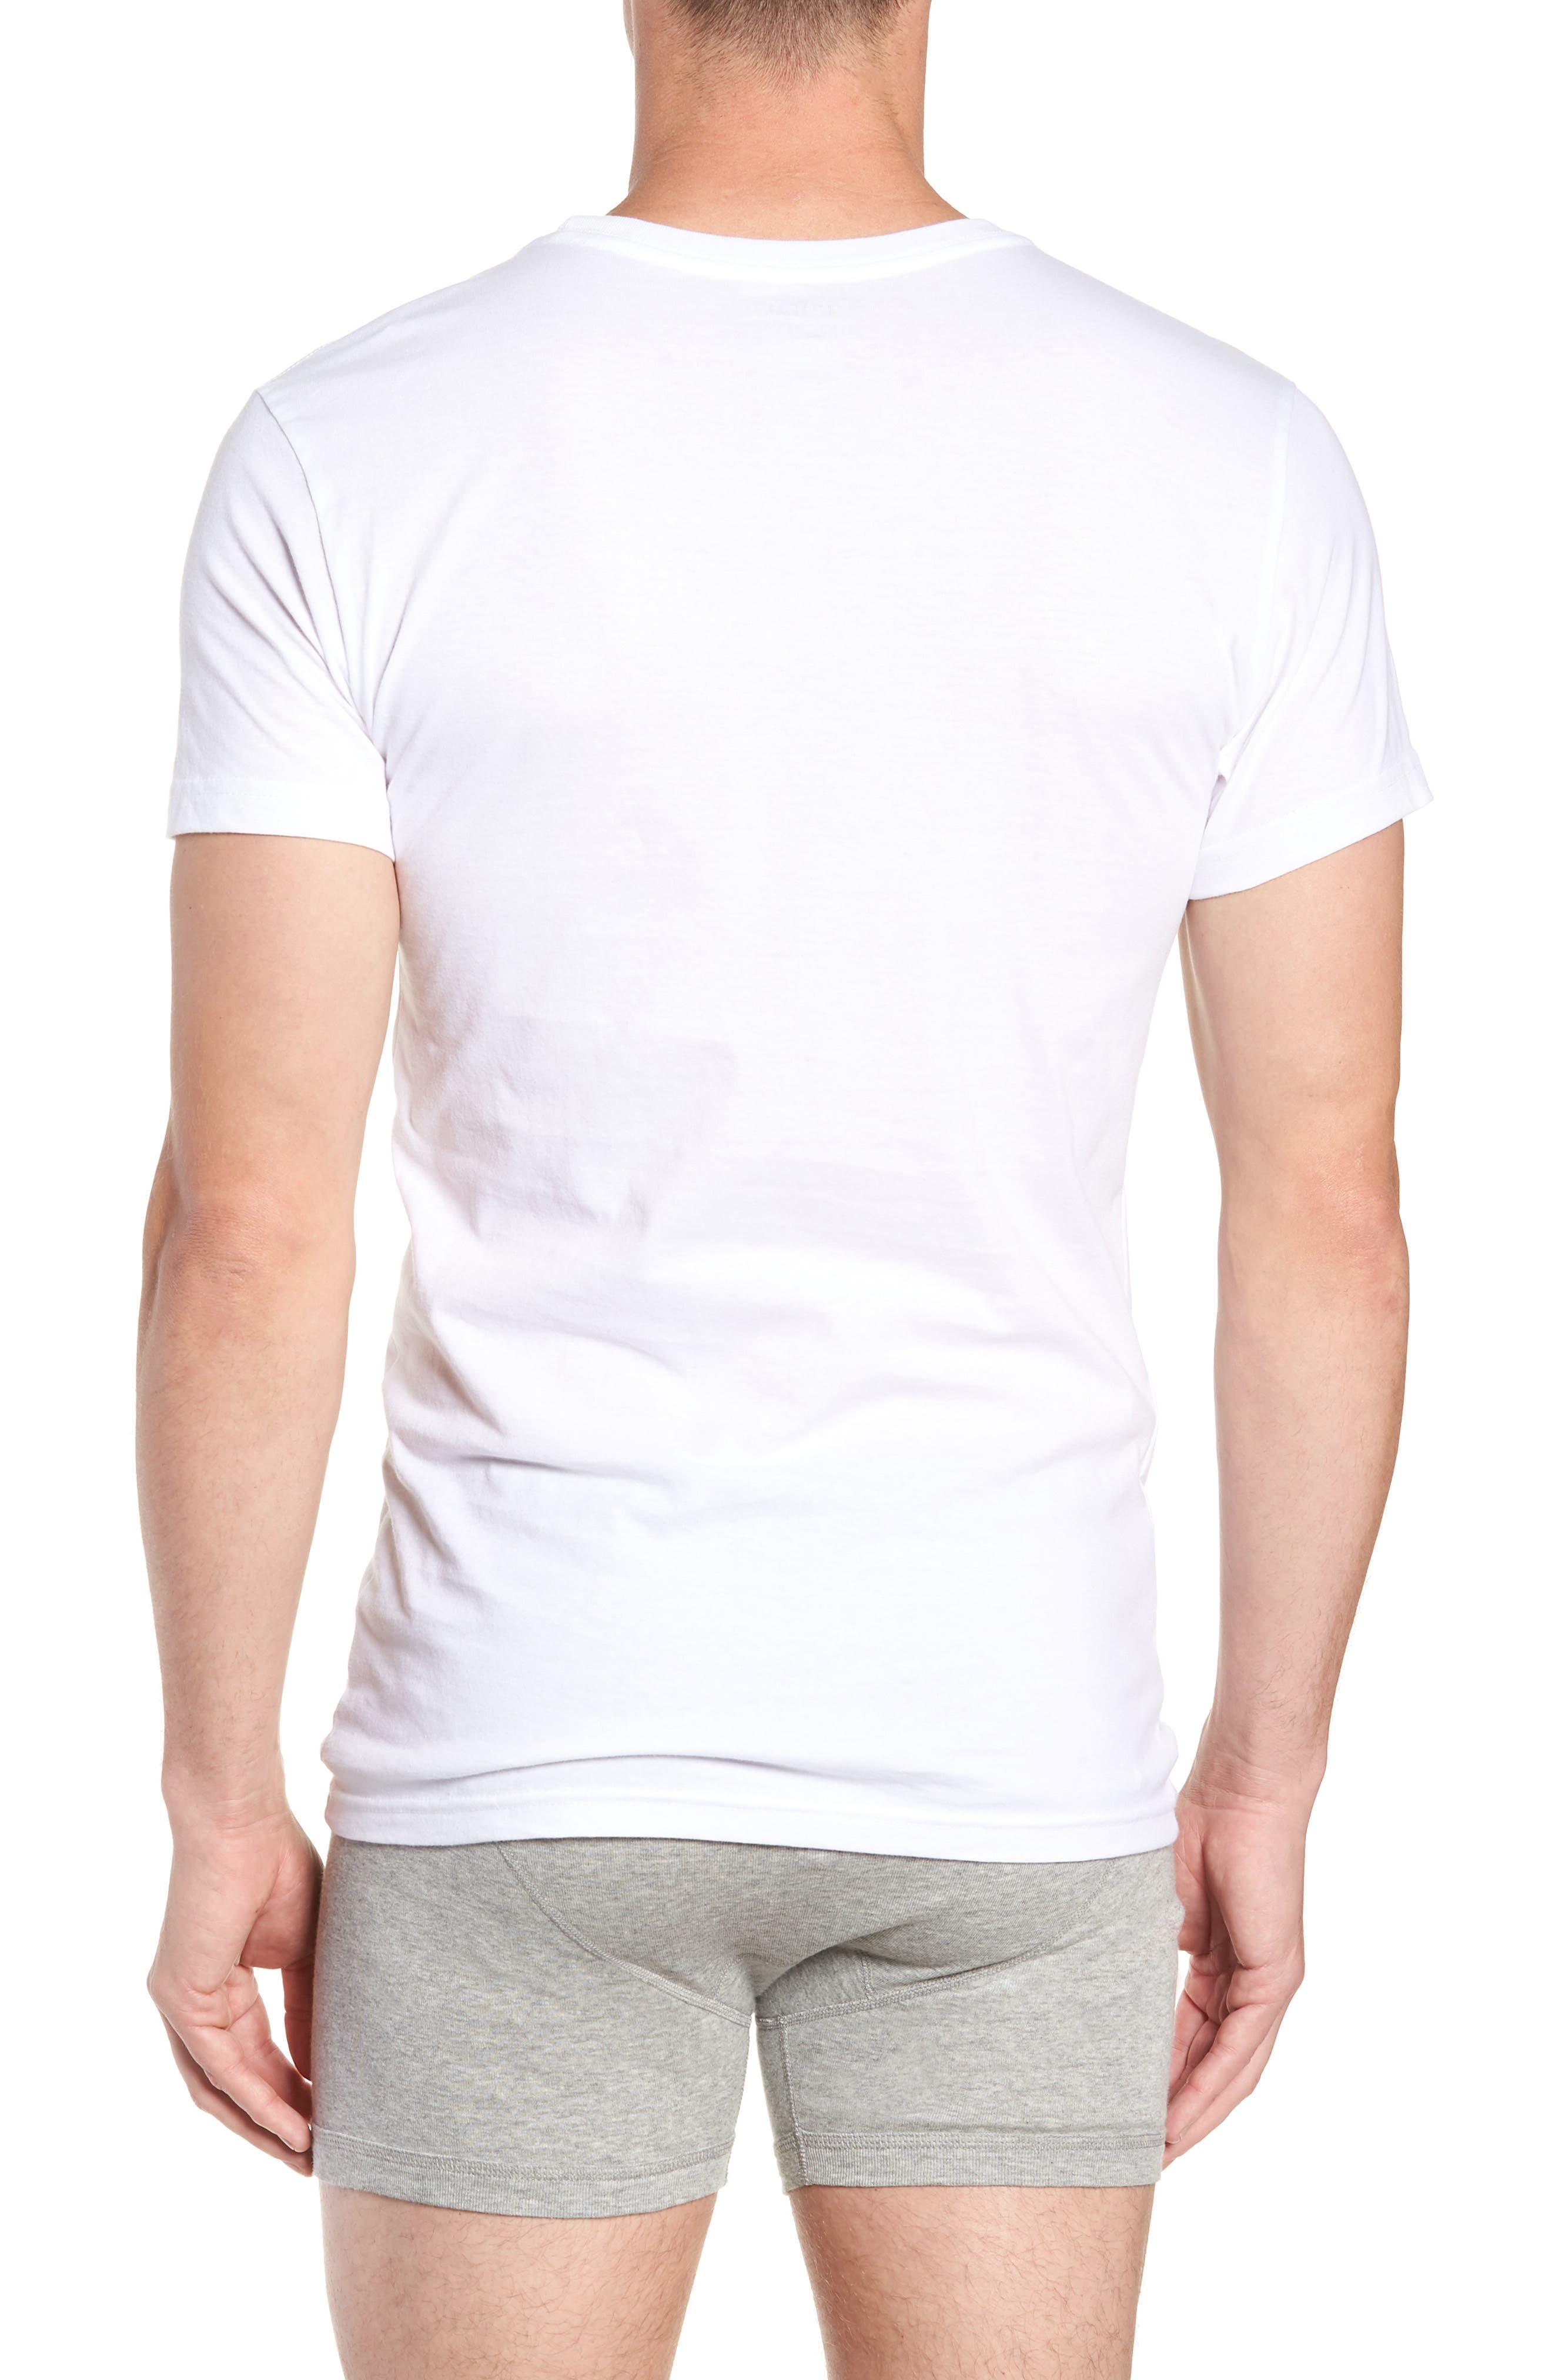 LAUREN RALPH LAUREN, Polo Ralph Lauren 3-Pack Slim Fit Crewneck T-Shirts, Alternate thumbnail 3, color, WHITE